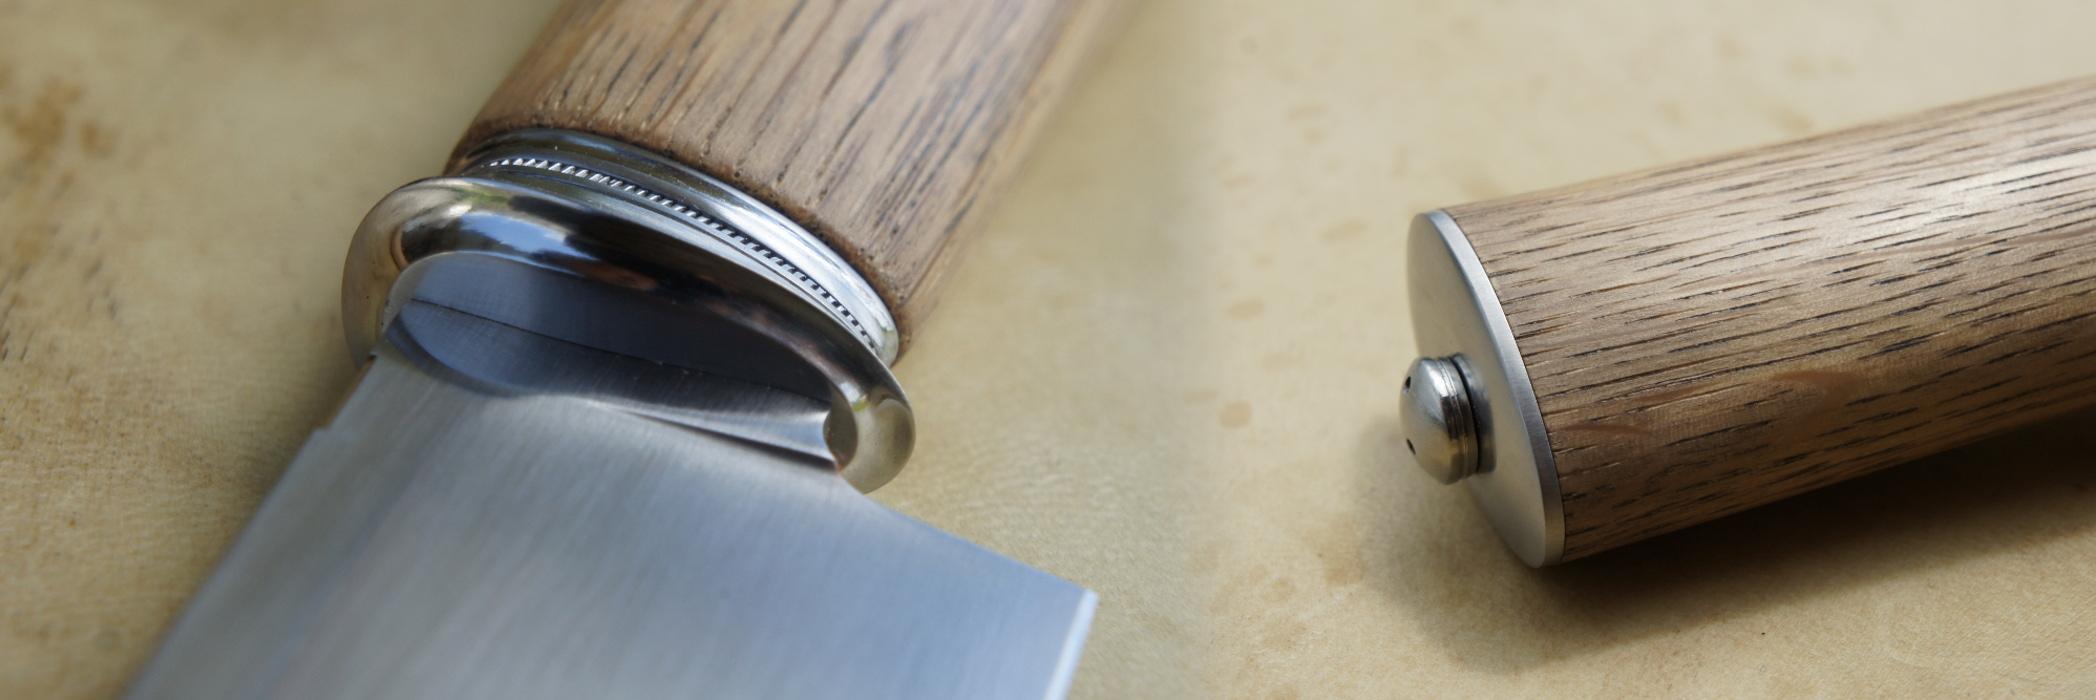 Couteau fixe - cuisine - macros